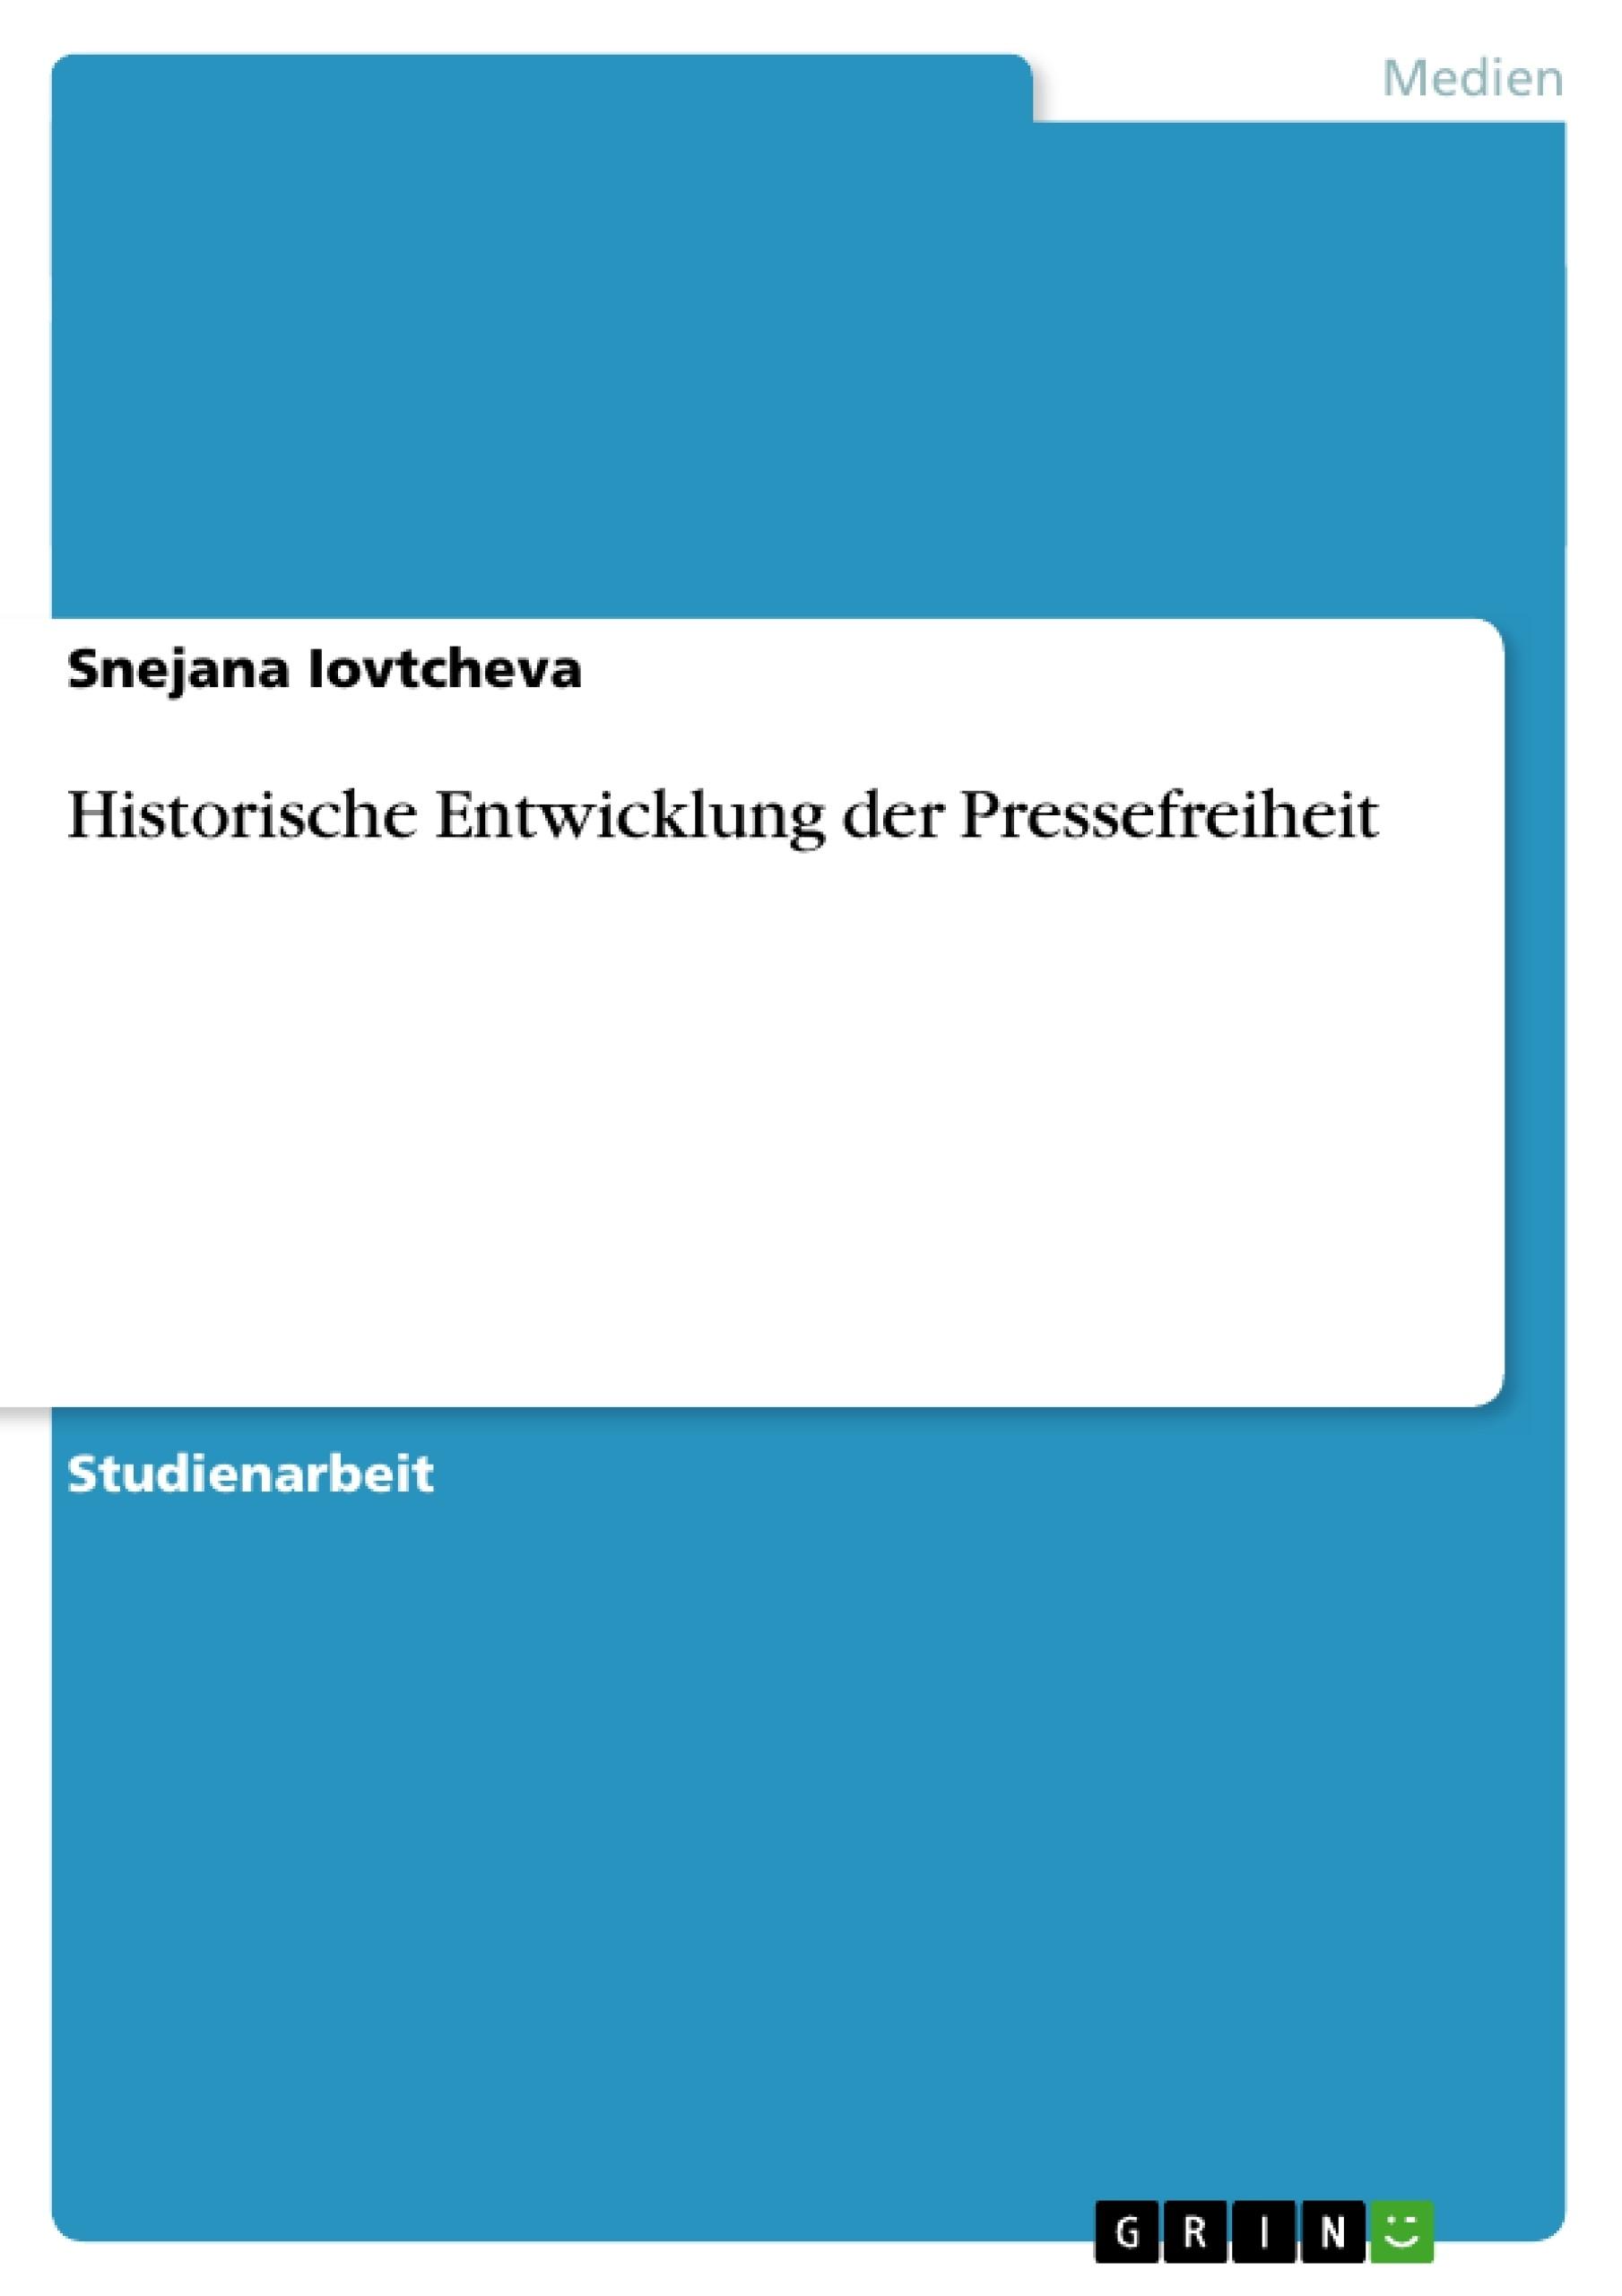 Titel: Historische Entwicklung der Pressefreiheit